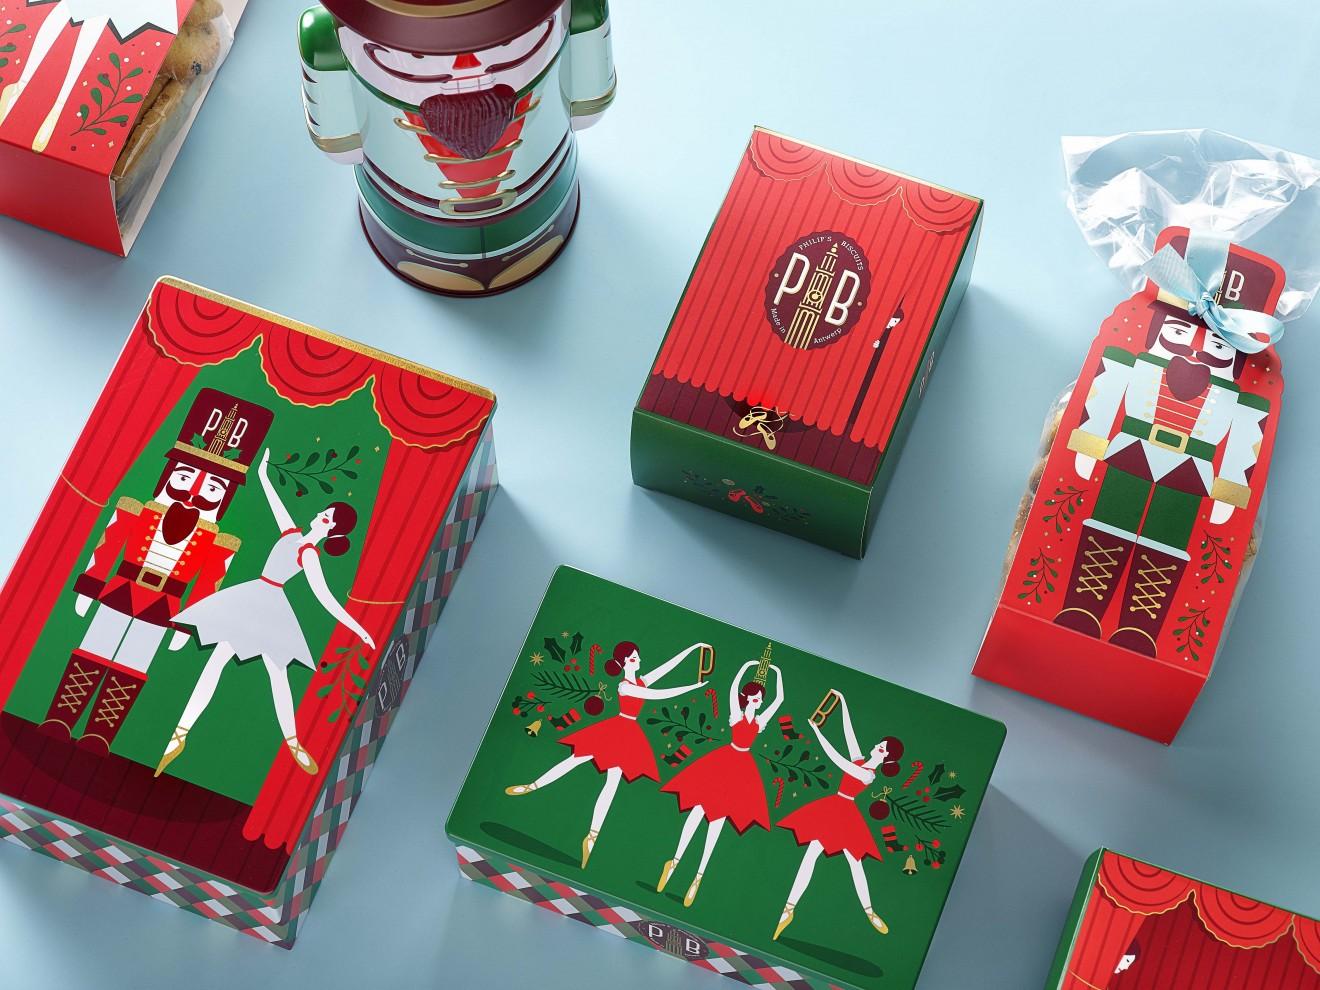 Quatre Mains package design - packaging, design, bag, foil, cardboard